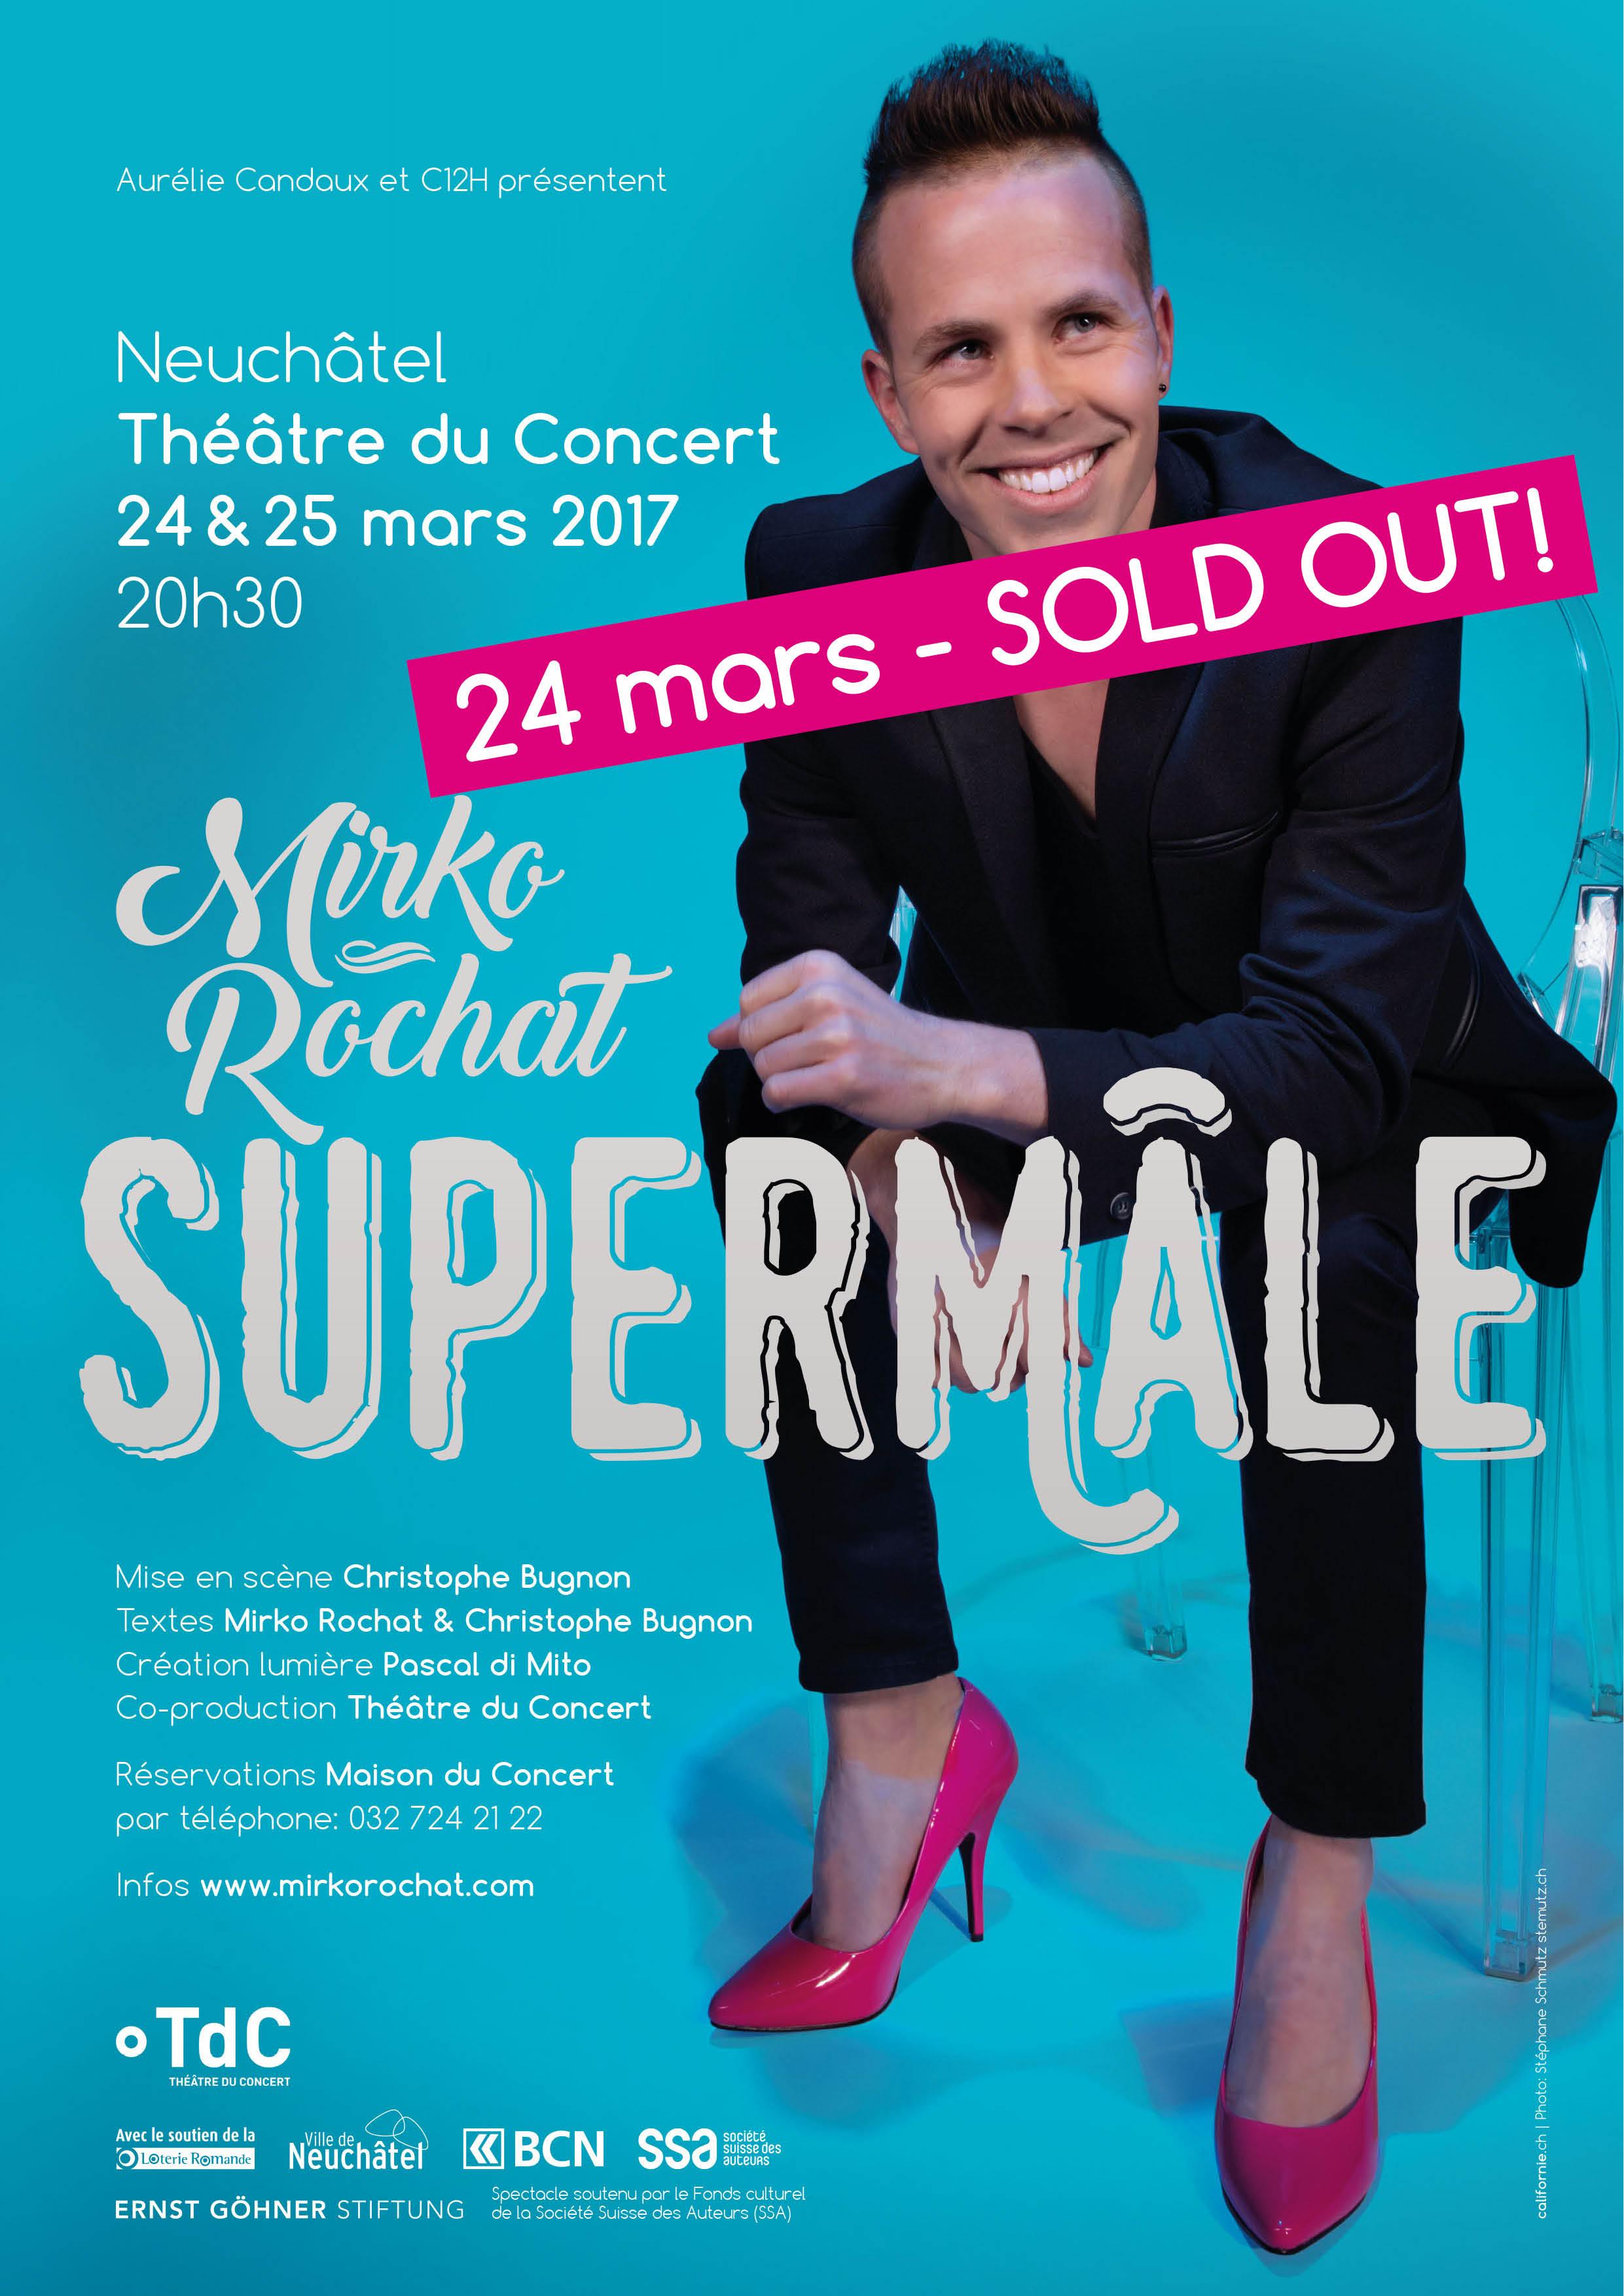 24 mars - Théâtre du Concert, Sold out! Supermâle